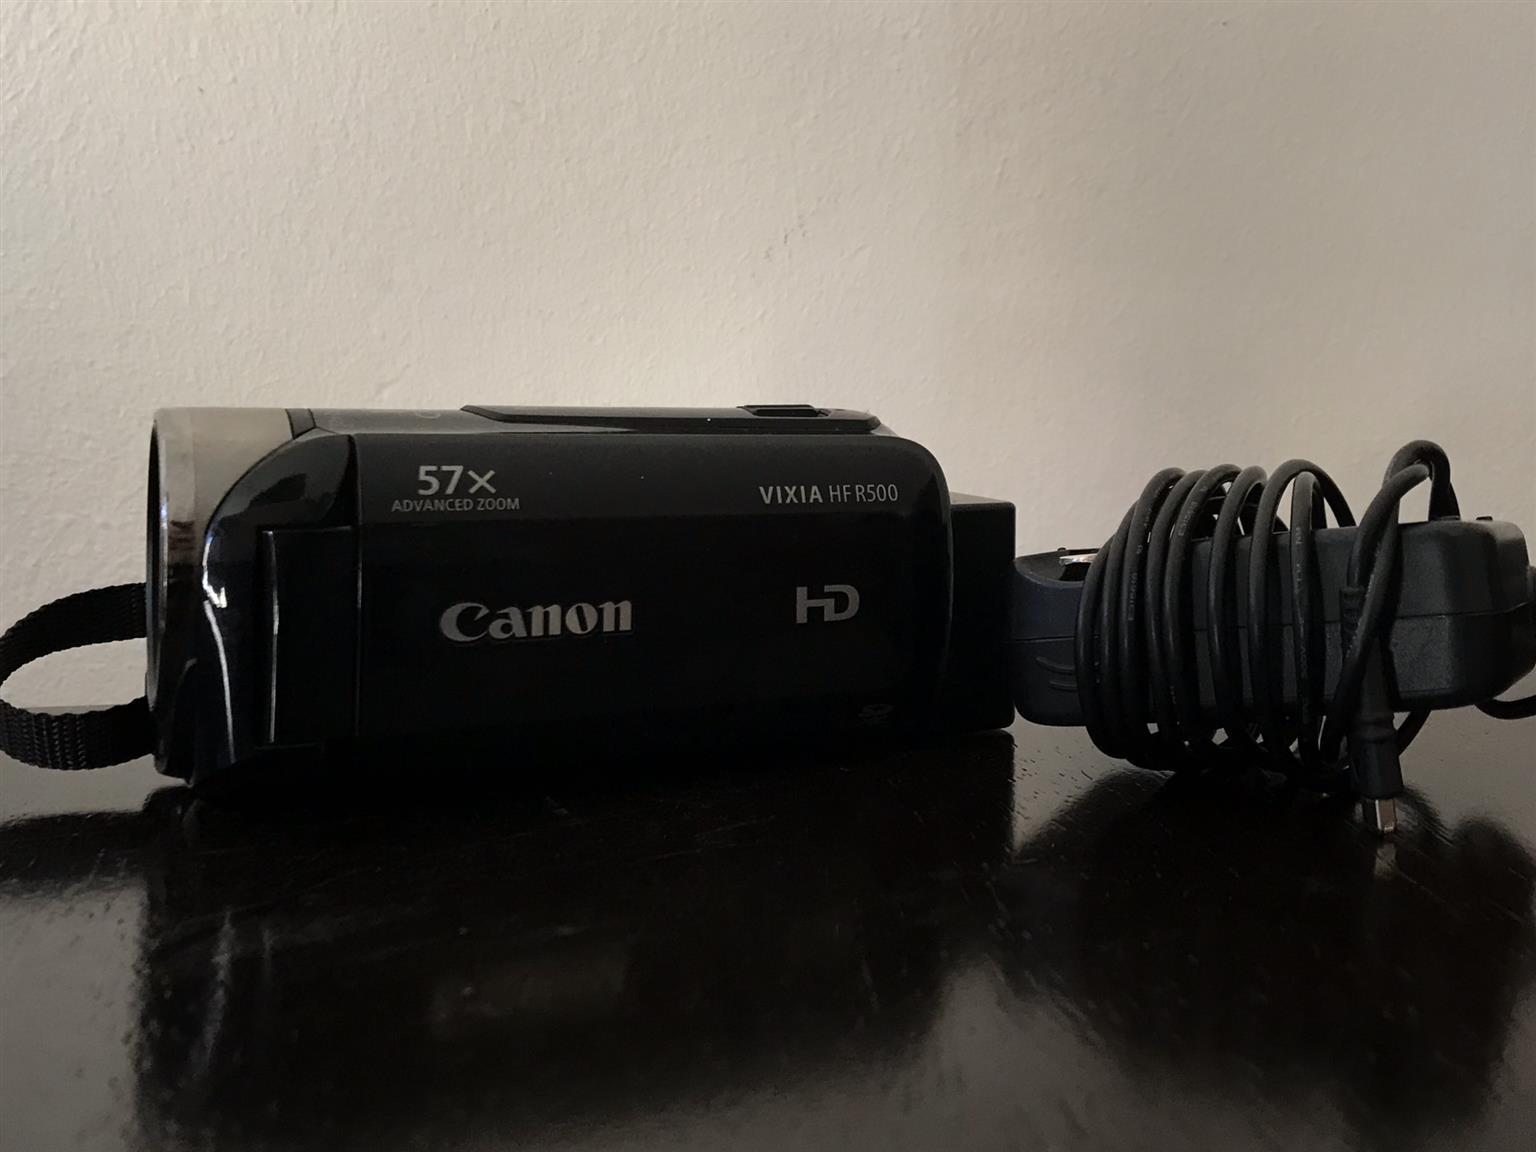 Canon Vixia HF R500 Camcorder